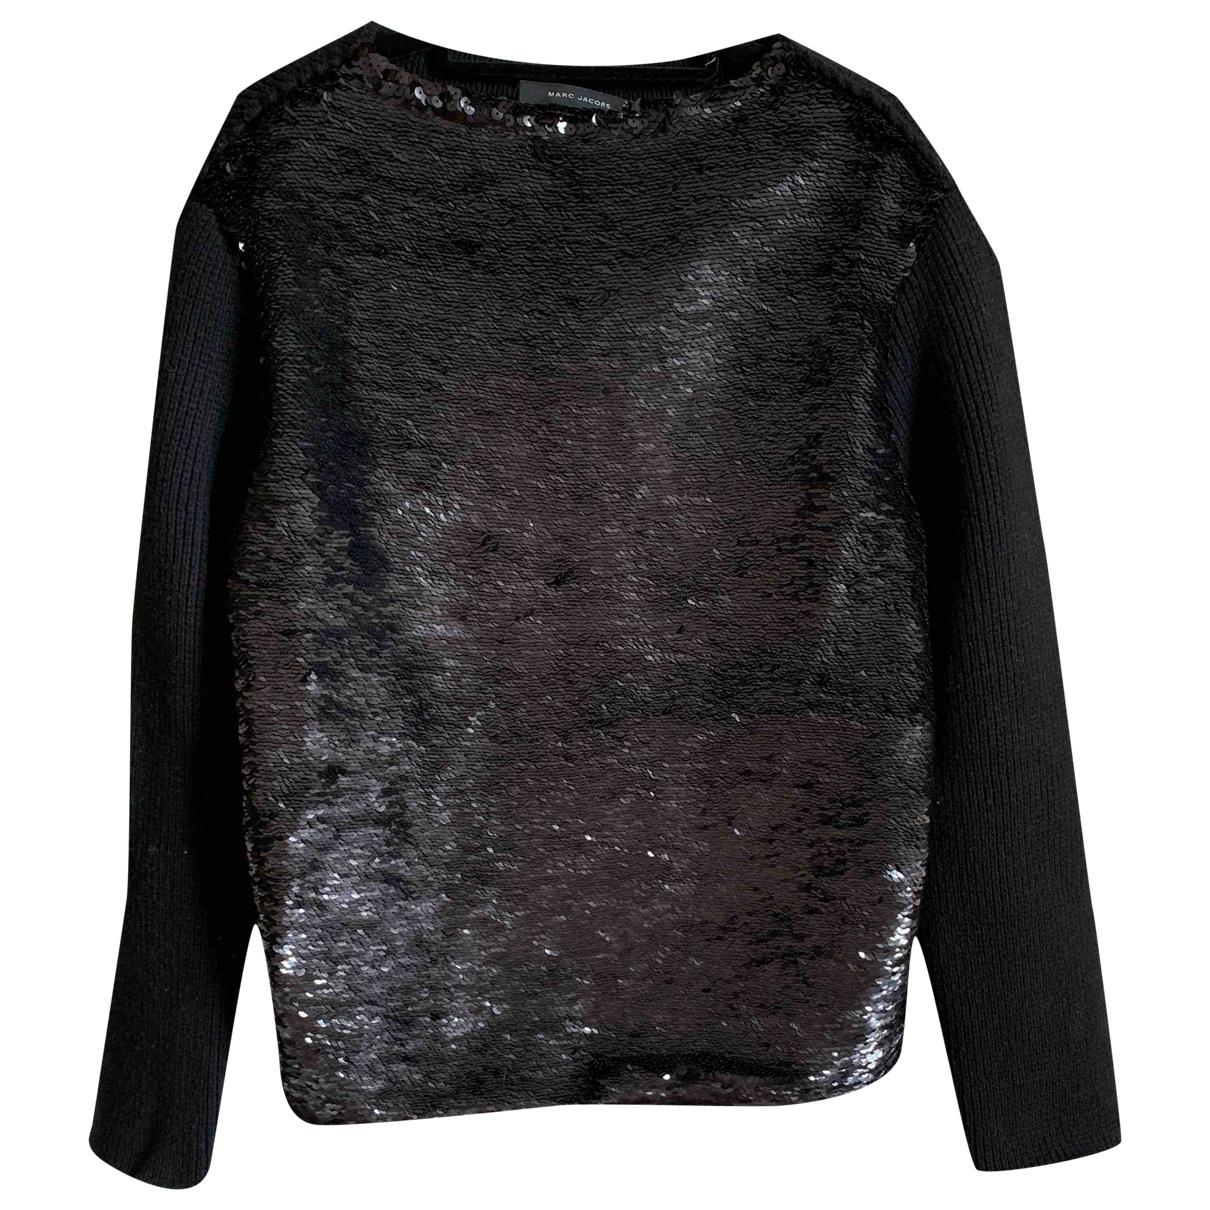 Marc Jacobs \N Black Wool Knitwear for Women S International